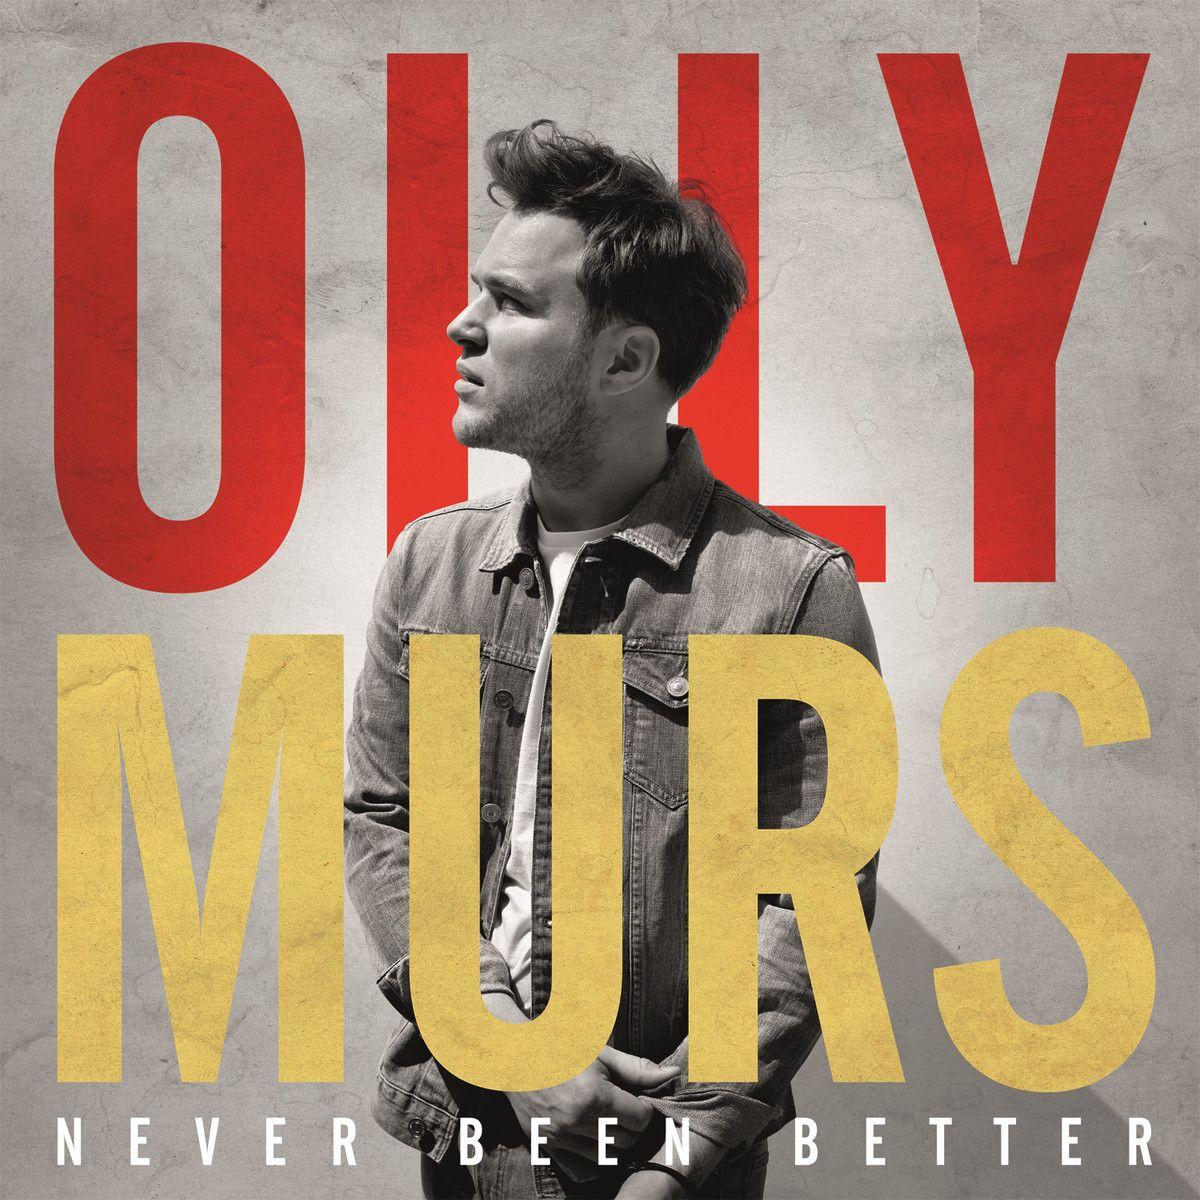 Olly Murs - Never Been Better album cover